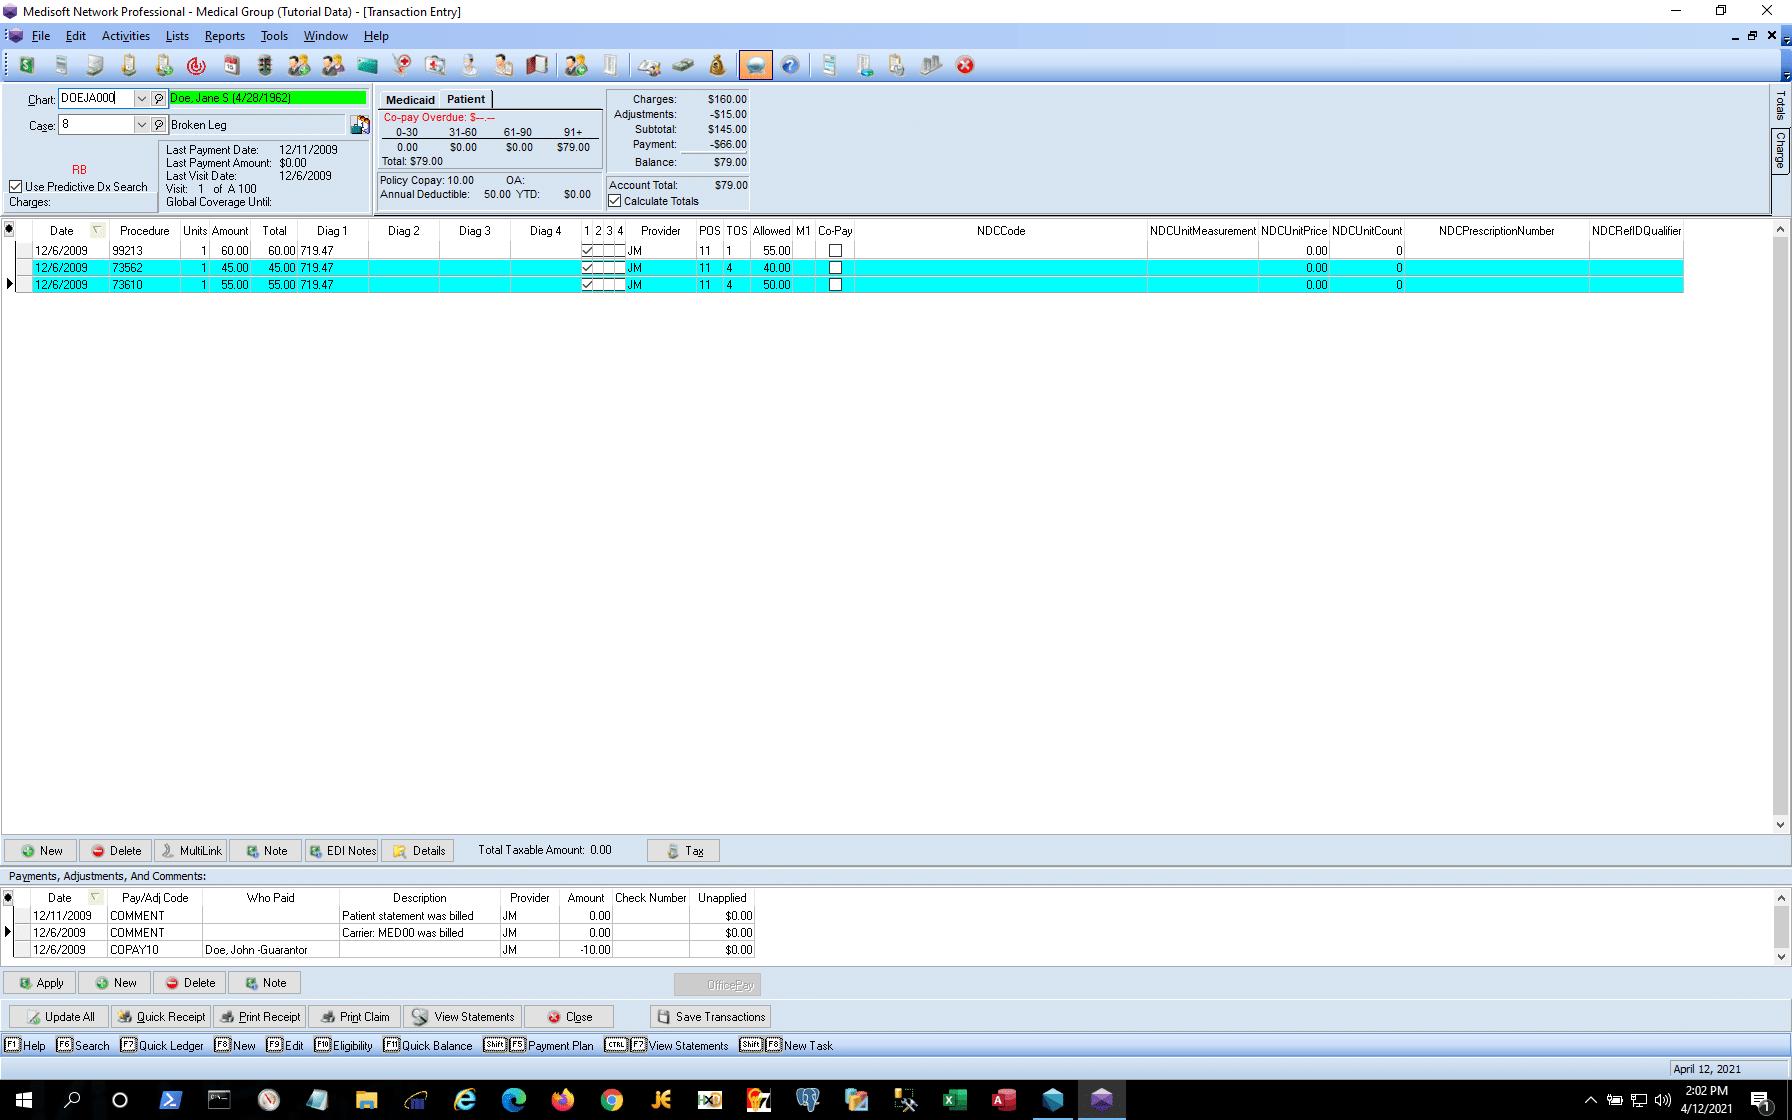 Medisoft VS Lytec - Medisoft Transaction Entry